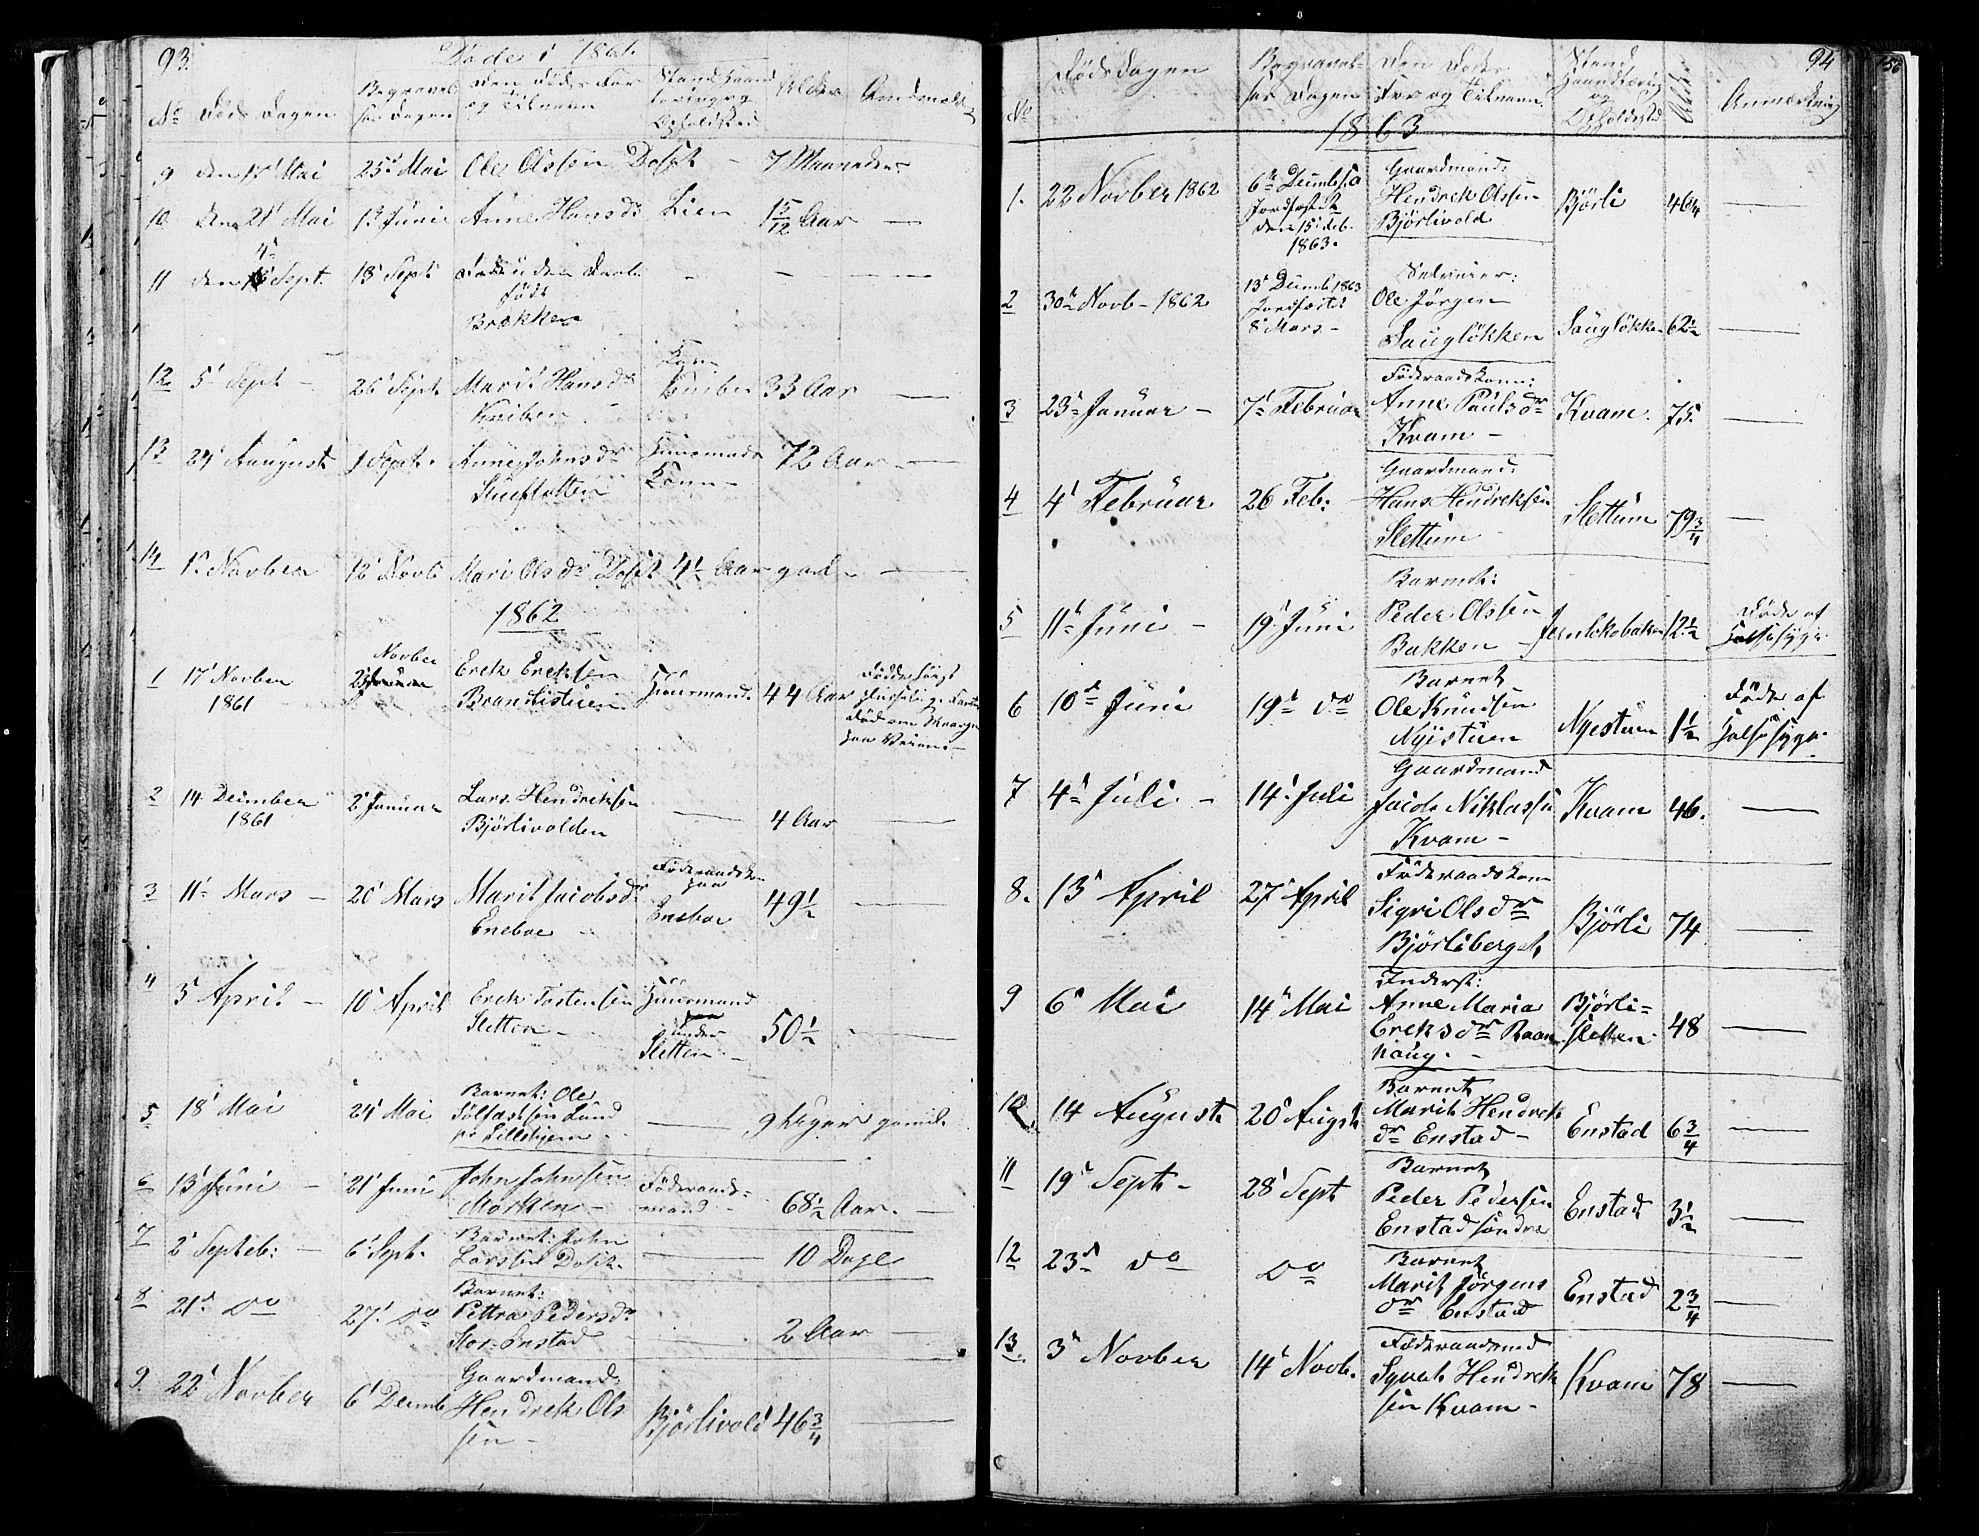 SAH, Lesja prestekontor, Parish register (copy) no. 4, 1842-1871, p. 93-94